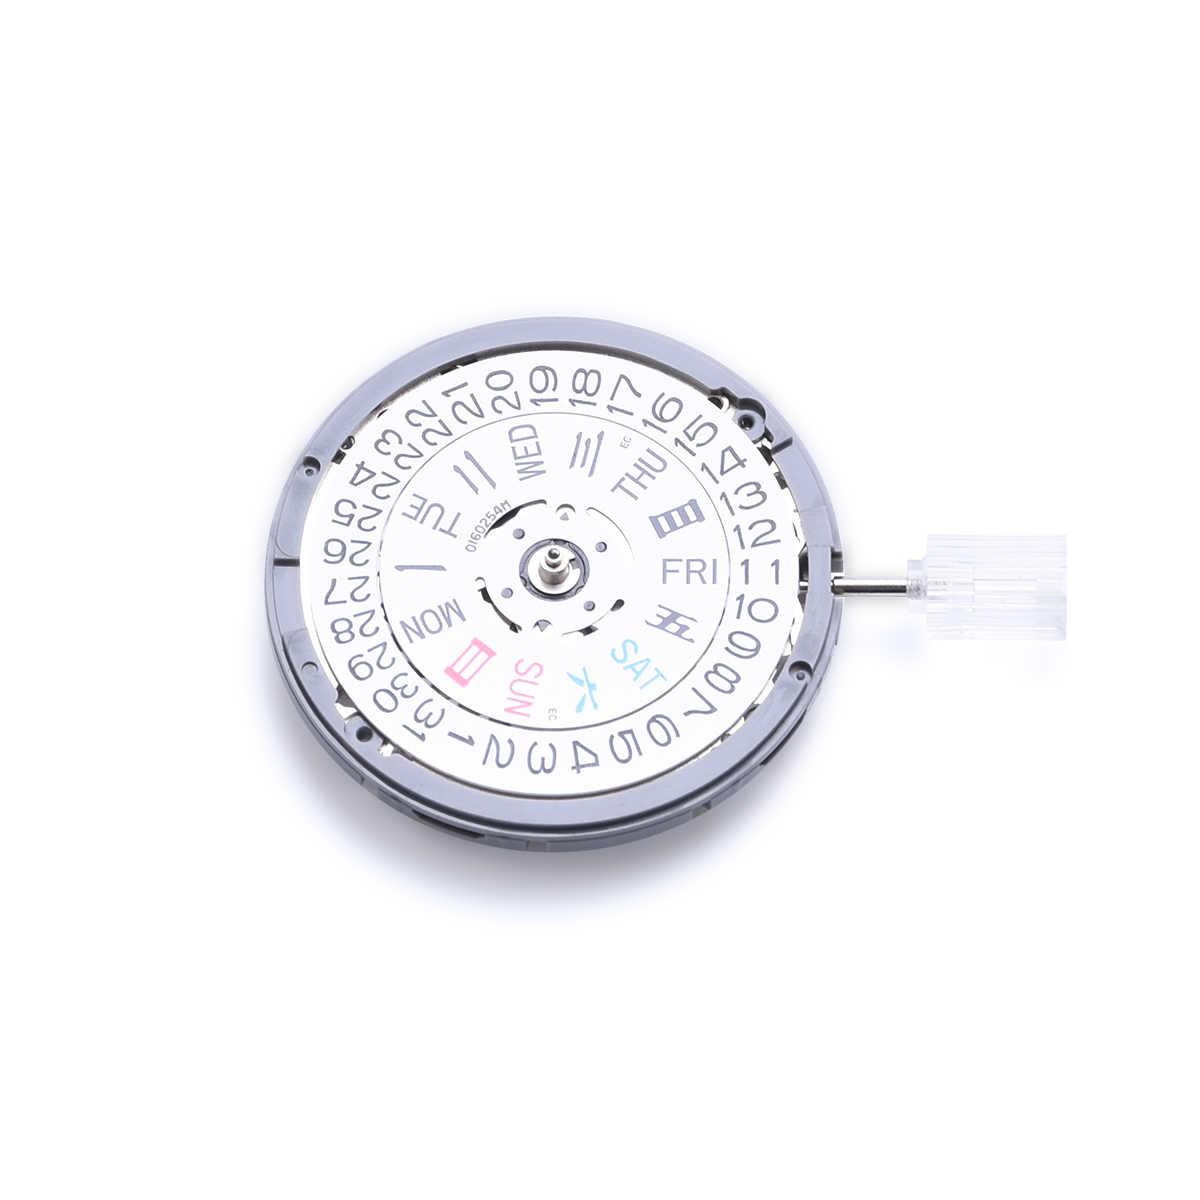 自動機械式ムーブメント & ステム-ハッキング & ハンド巻セイコー服部 NH36Double カレンダー時計ムーブメント交換